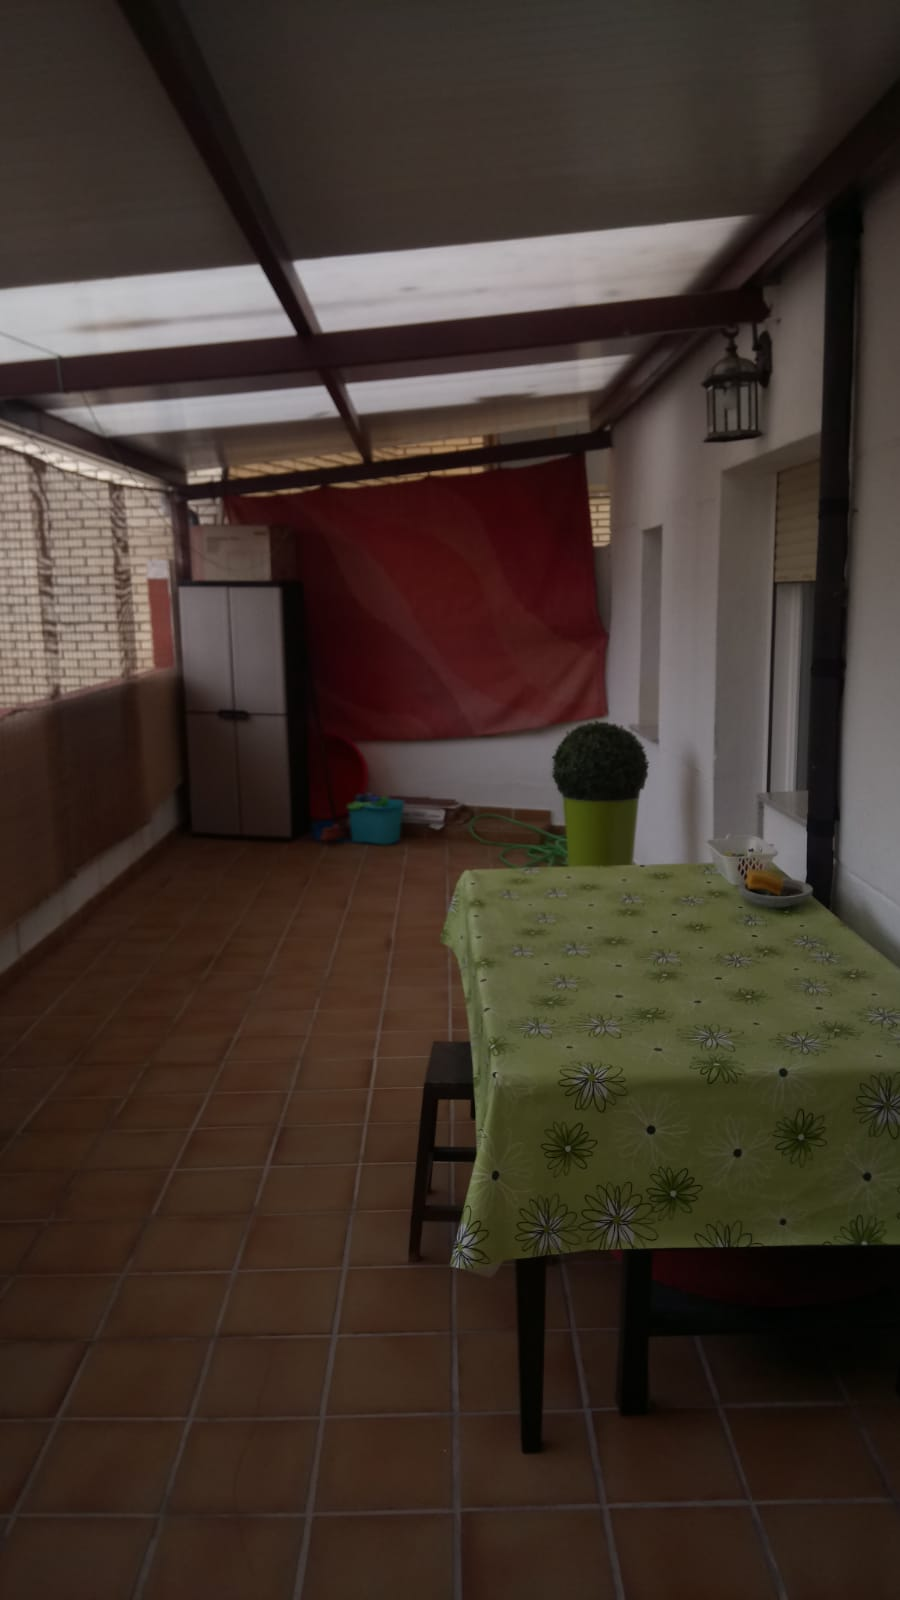 PISO PARA ENTRAR EN PASEO DE CANALEJAS (REF: 28) - foto 11 90b34a15-eea8-44c6-852b-c0cd1091cc95.jpg